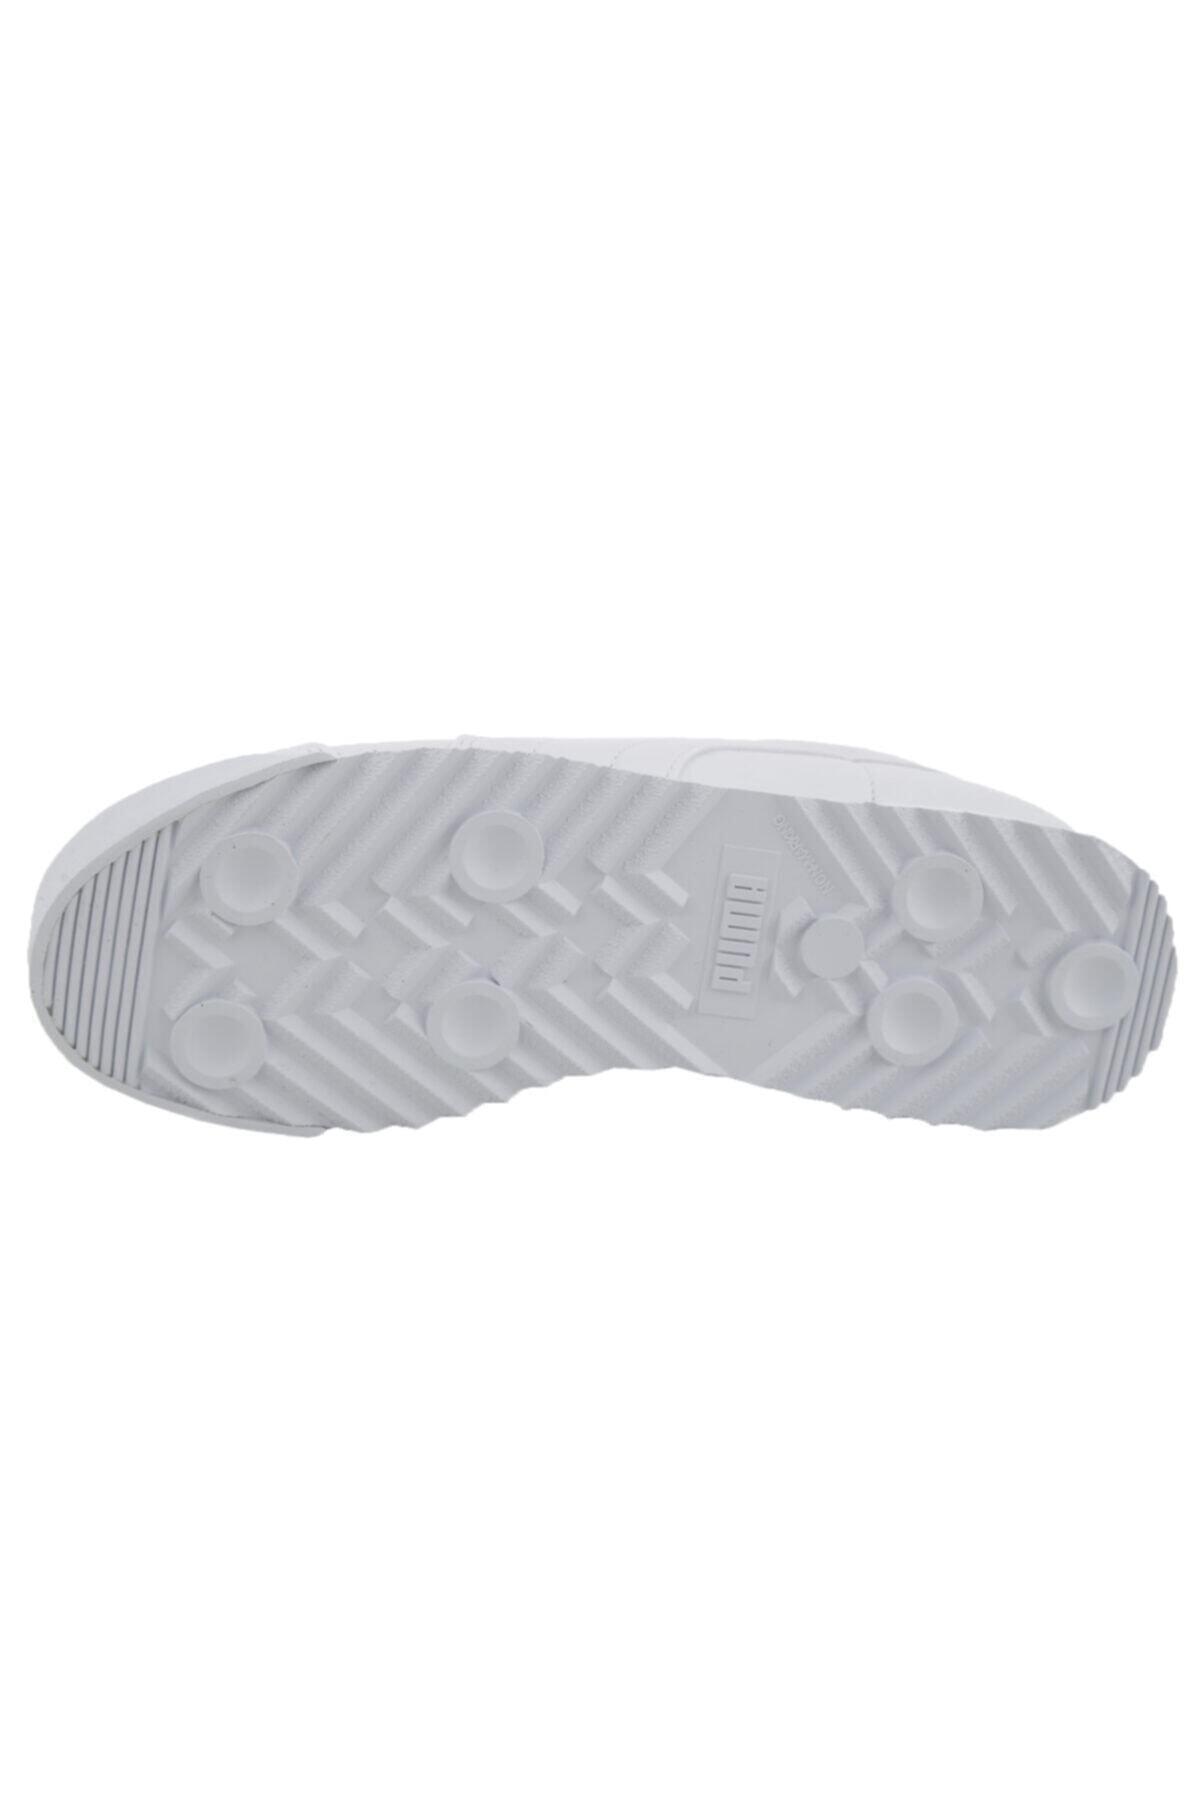 Puma Roma Basic Erkek Ayakkabı 35357221 2